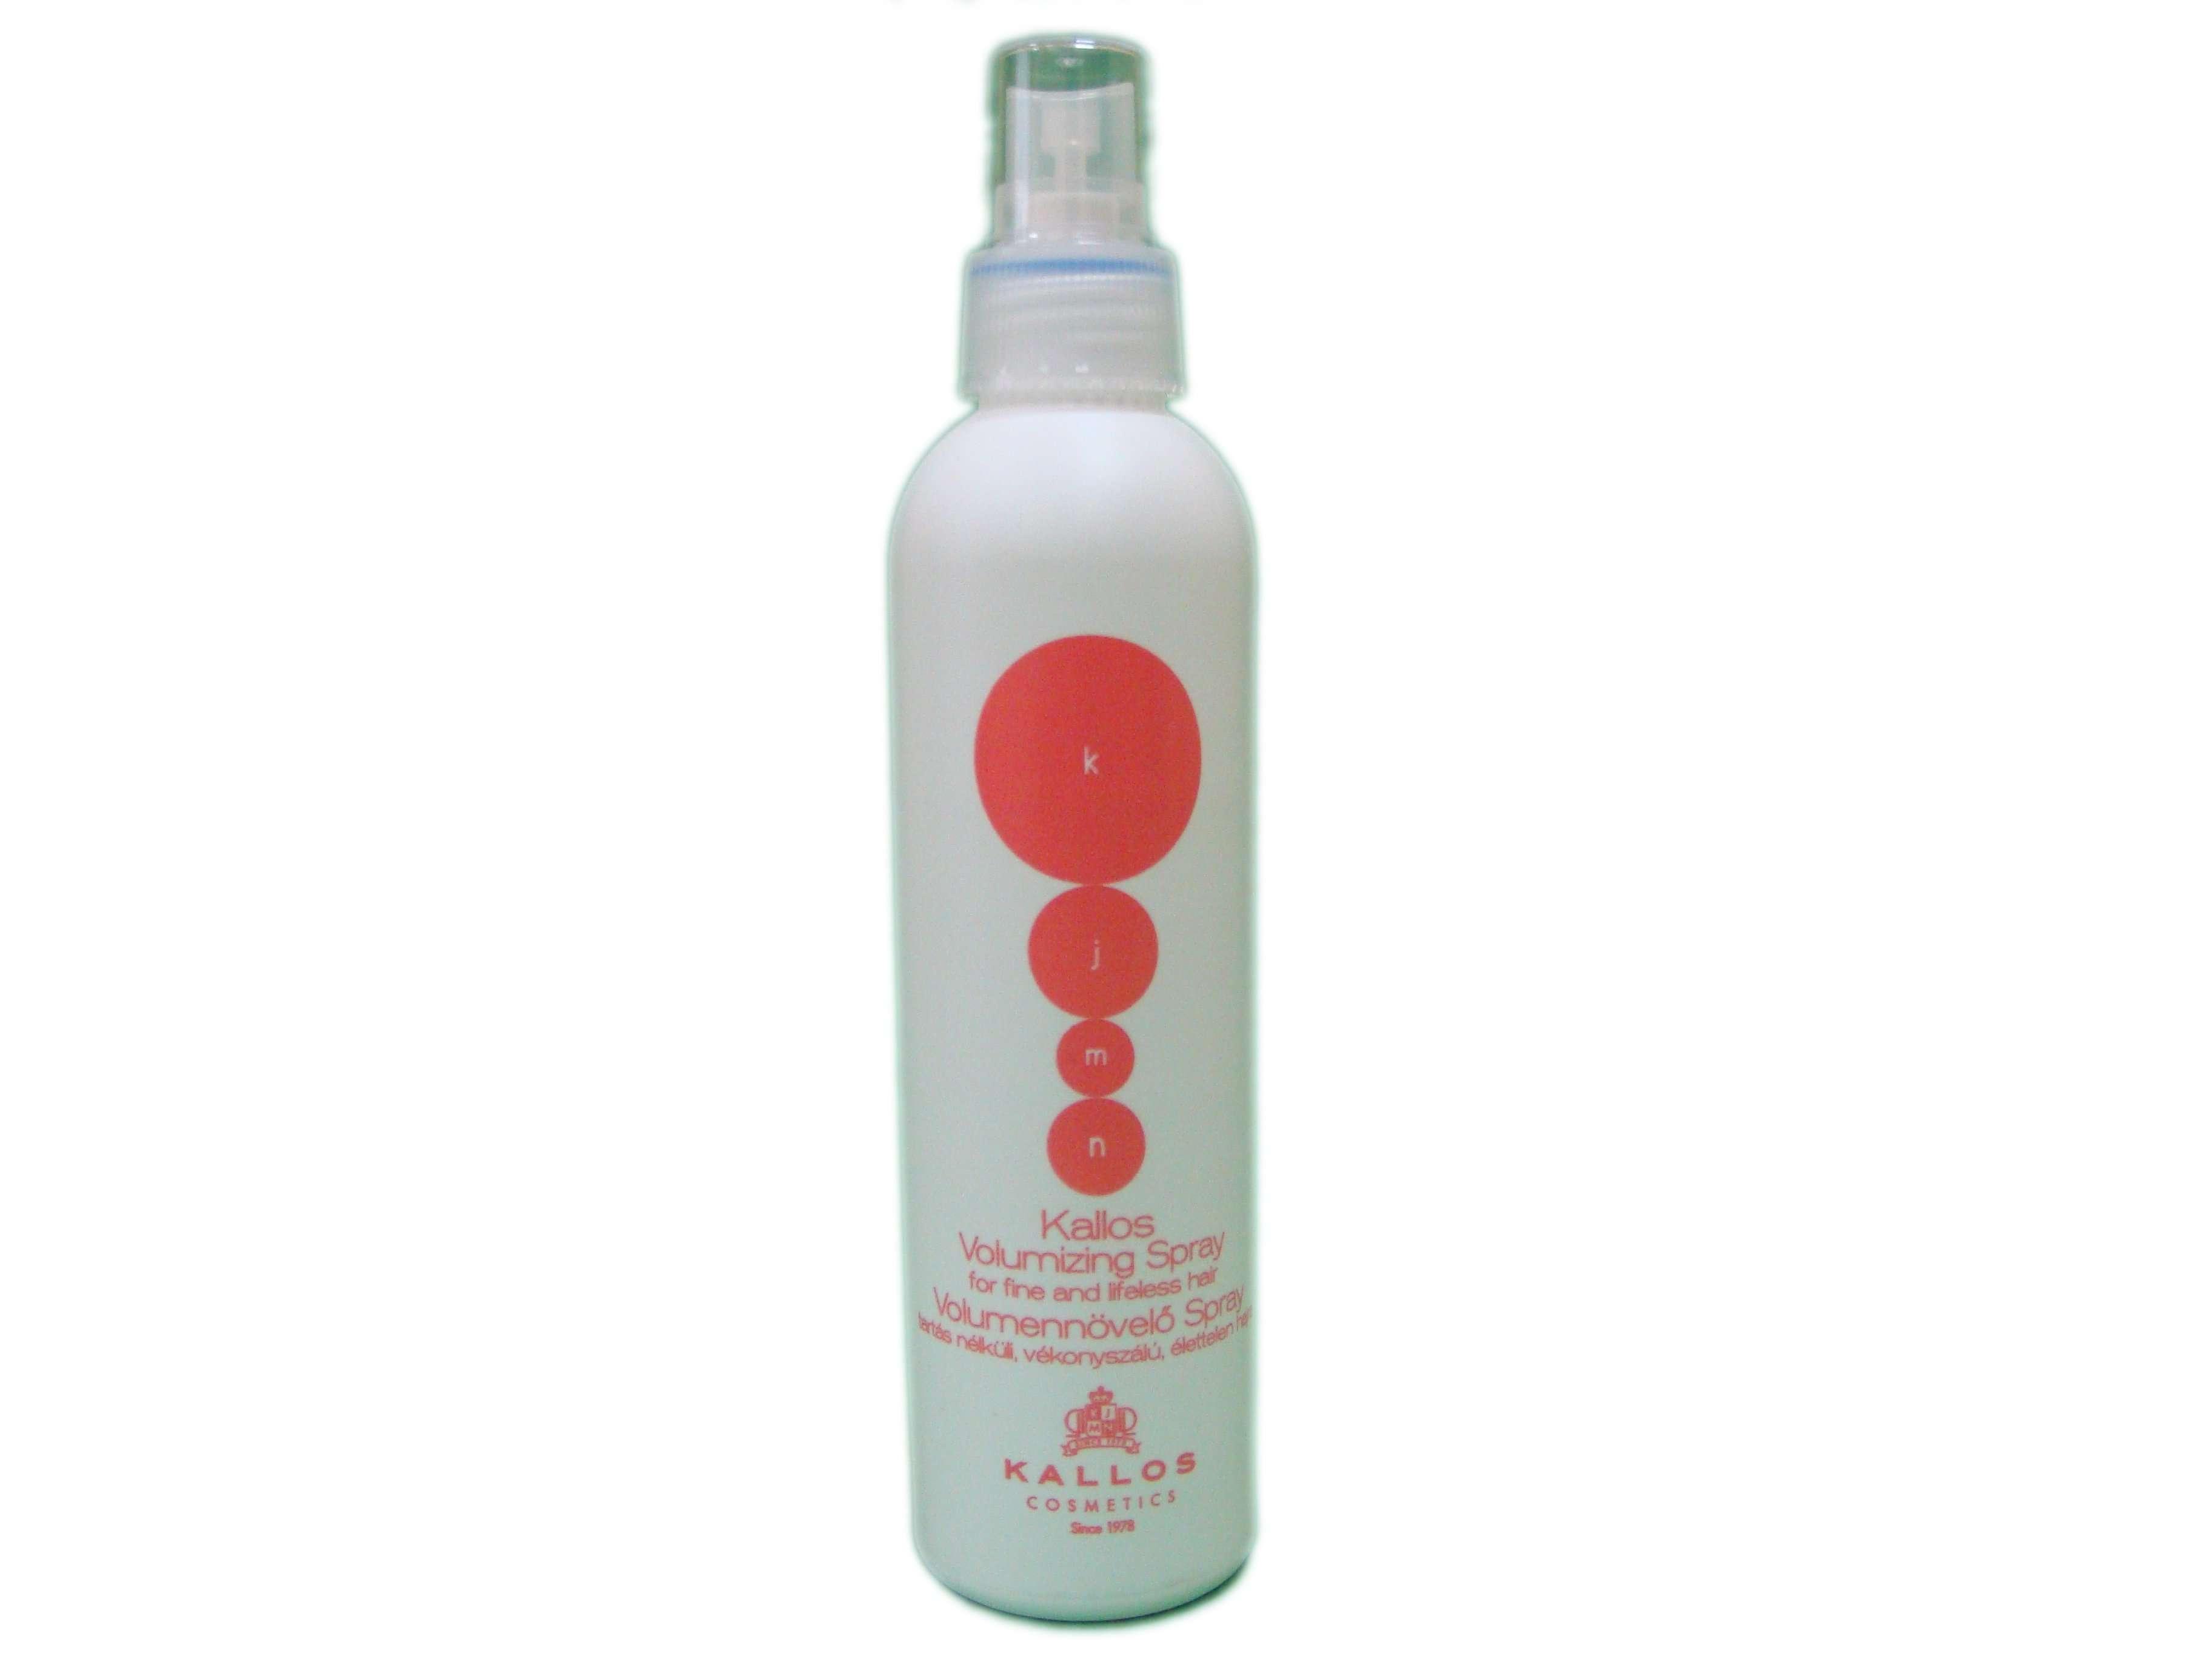 Спрей для увеличения объема тонких, безжизненных волос, удержания формы волос Kallos